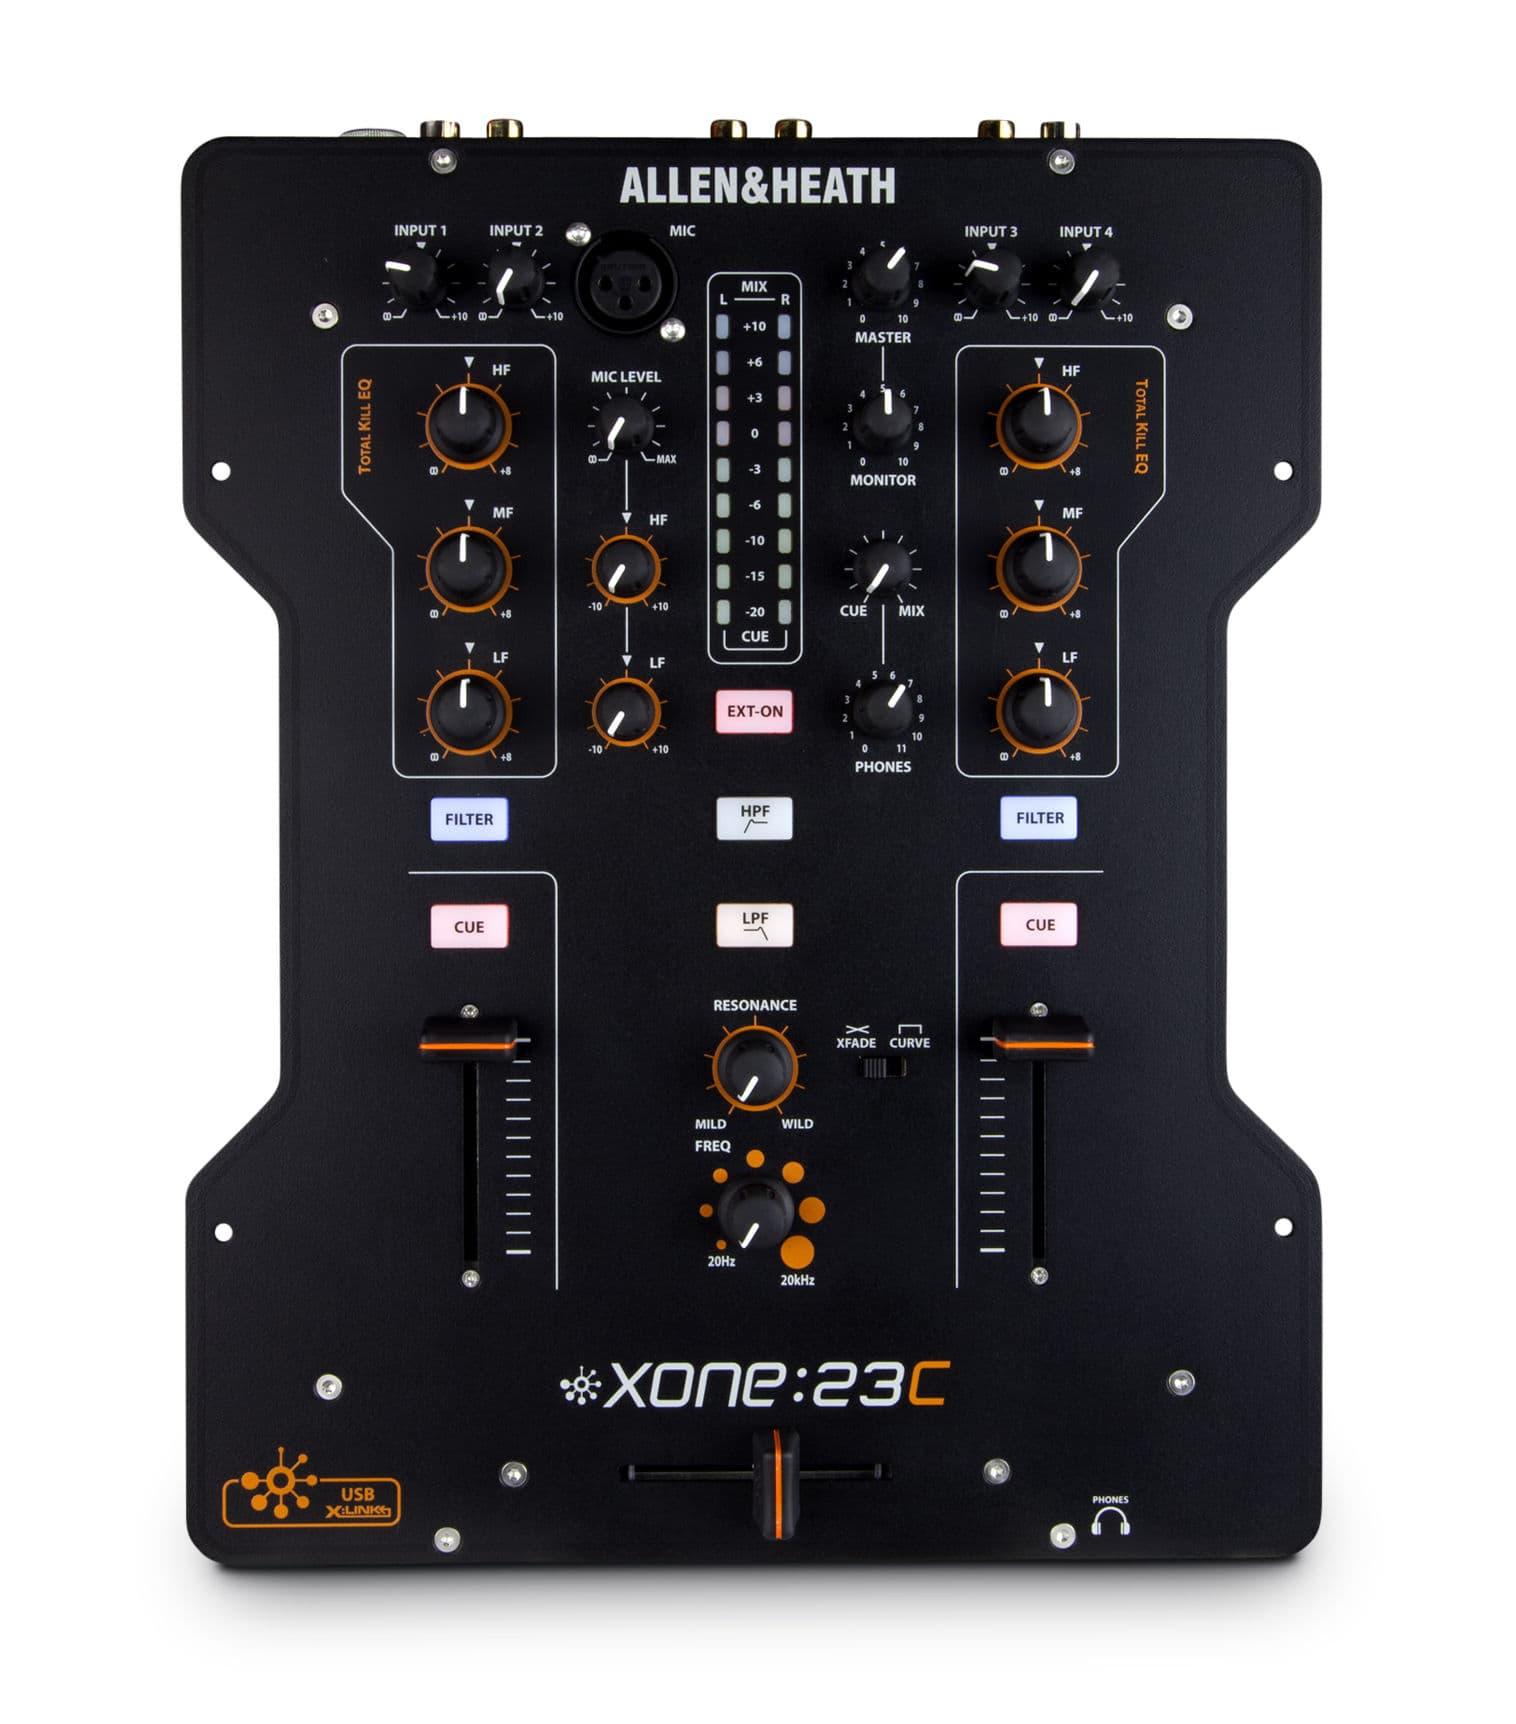 Djmixer - Allen Heath Xone 23C - Onlineshop Musikhaus Kirstein